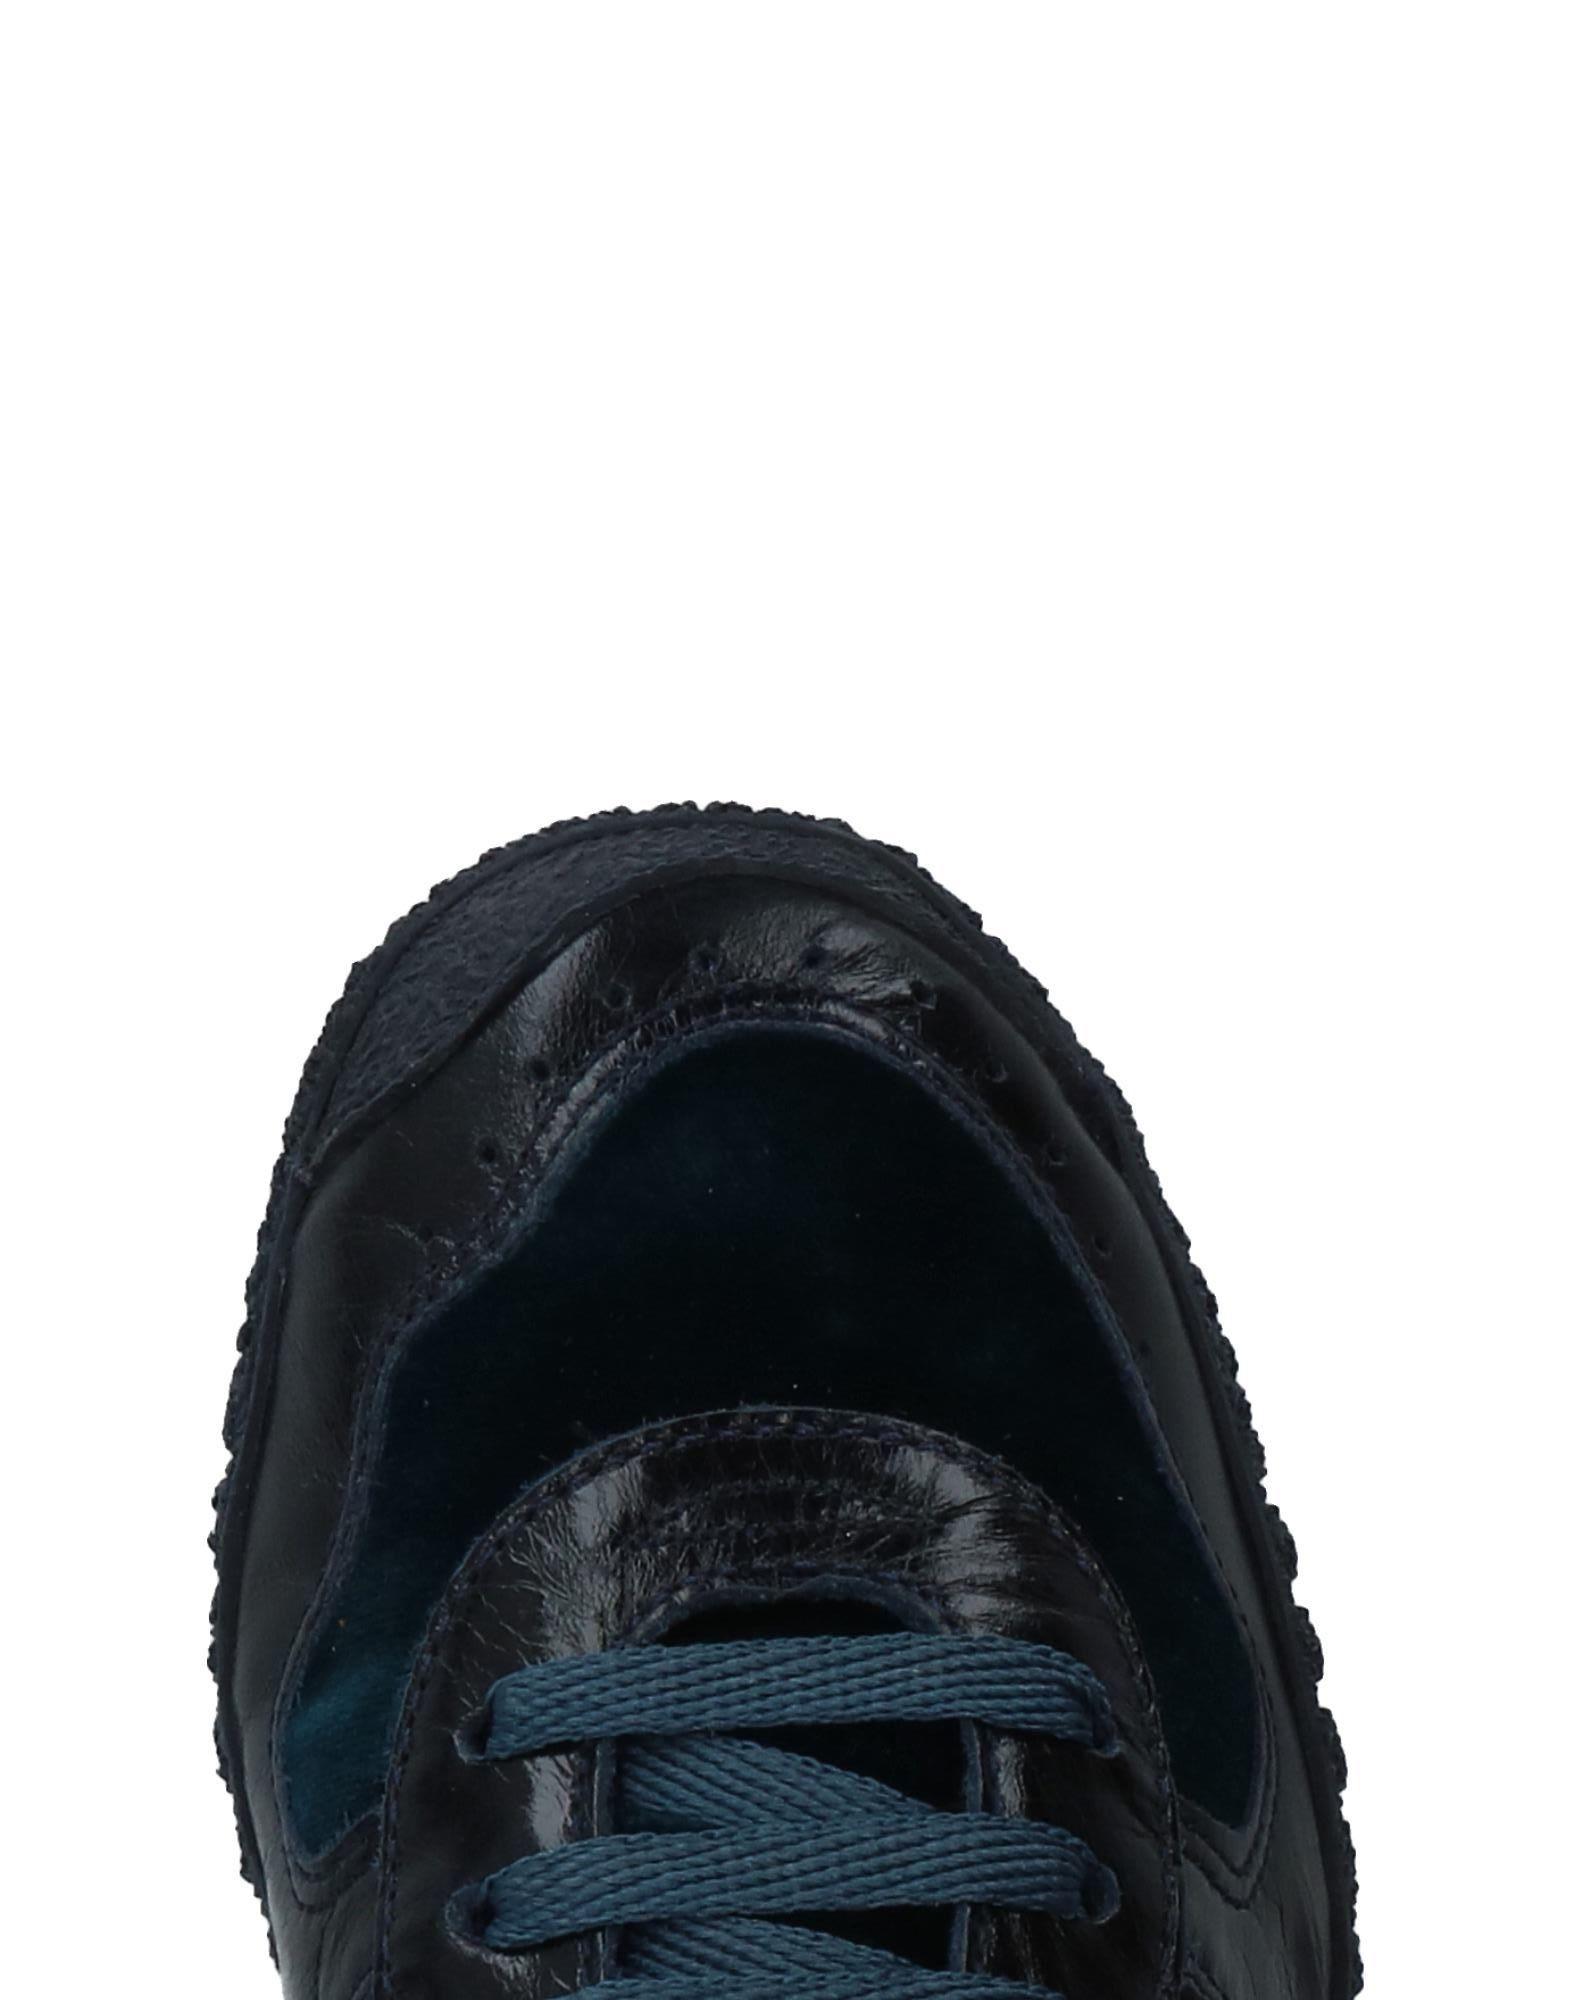 Munich Sneakers Damen  11324934JS Gute Qualität beliebte Schuhe Schuhe beliebte 44849f